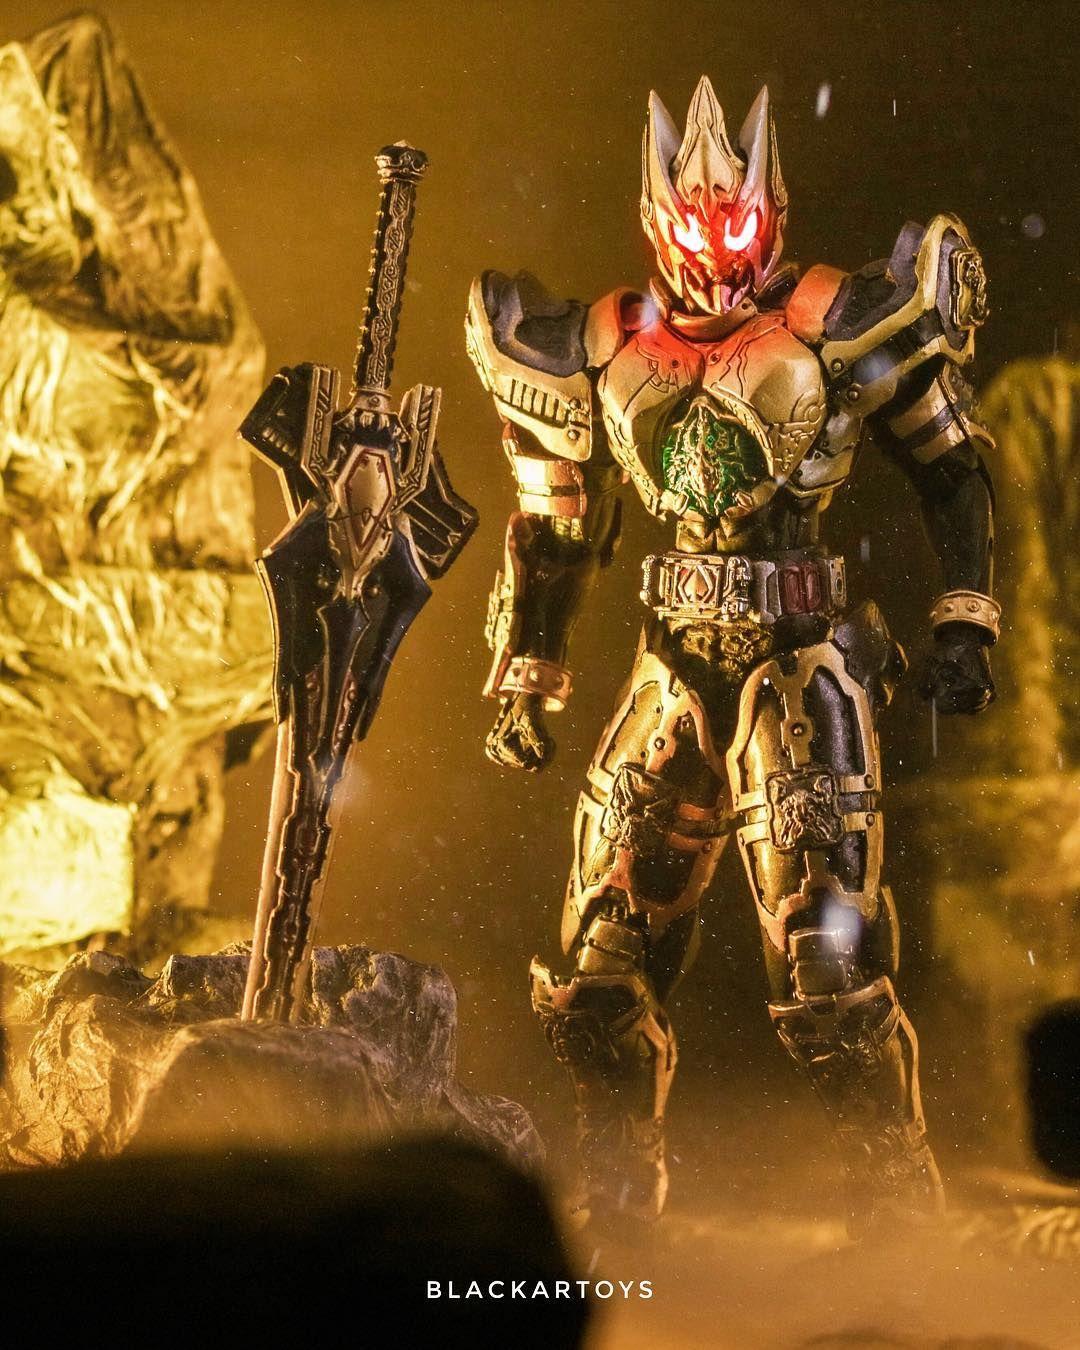 Pin Oleh Atilla Kd Di Kamen Rider Blade